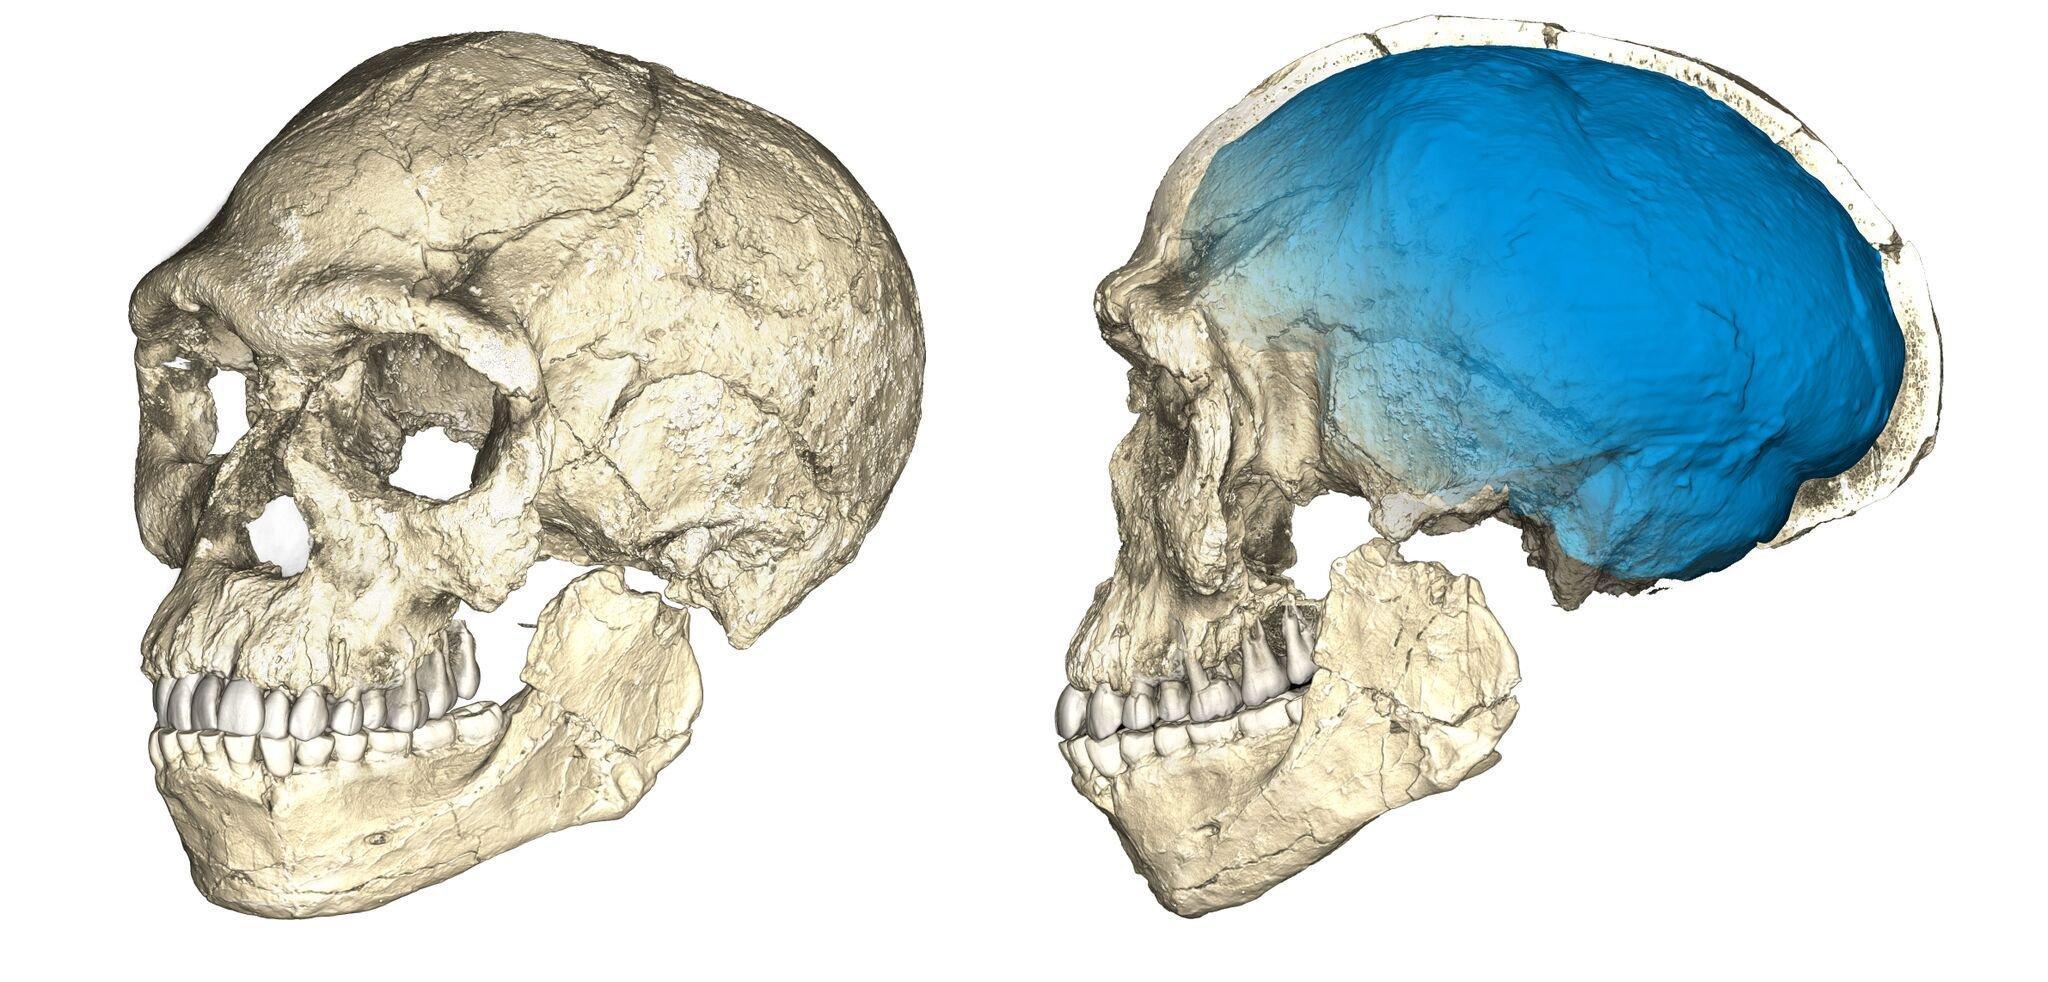 Forscher des Max-Planck-Instituts für evolutionäre Anthropologie in Leipzig rekonstruierten den schon länger bekannten Schädelfund von Jebel Irhoud in Marokko als Modell im Computer. Anhand der Rekonstruktion konnten sie zeigen, dass der Schädel eindeutig zu einem Homo sapiens gehört, also um einen Vertreter unserer eigenen Art. Zudem datierten die Forscher den Fund mit neuen Methoden und kamen auf ein überraschendes Ergebnis: Der älteste Homo sapiens lebte bereits vor 300.000Jahren.